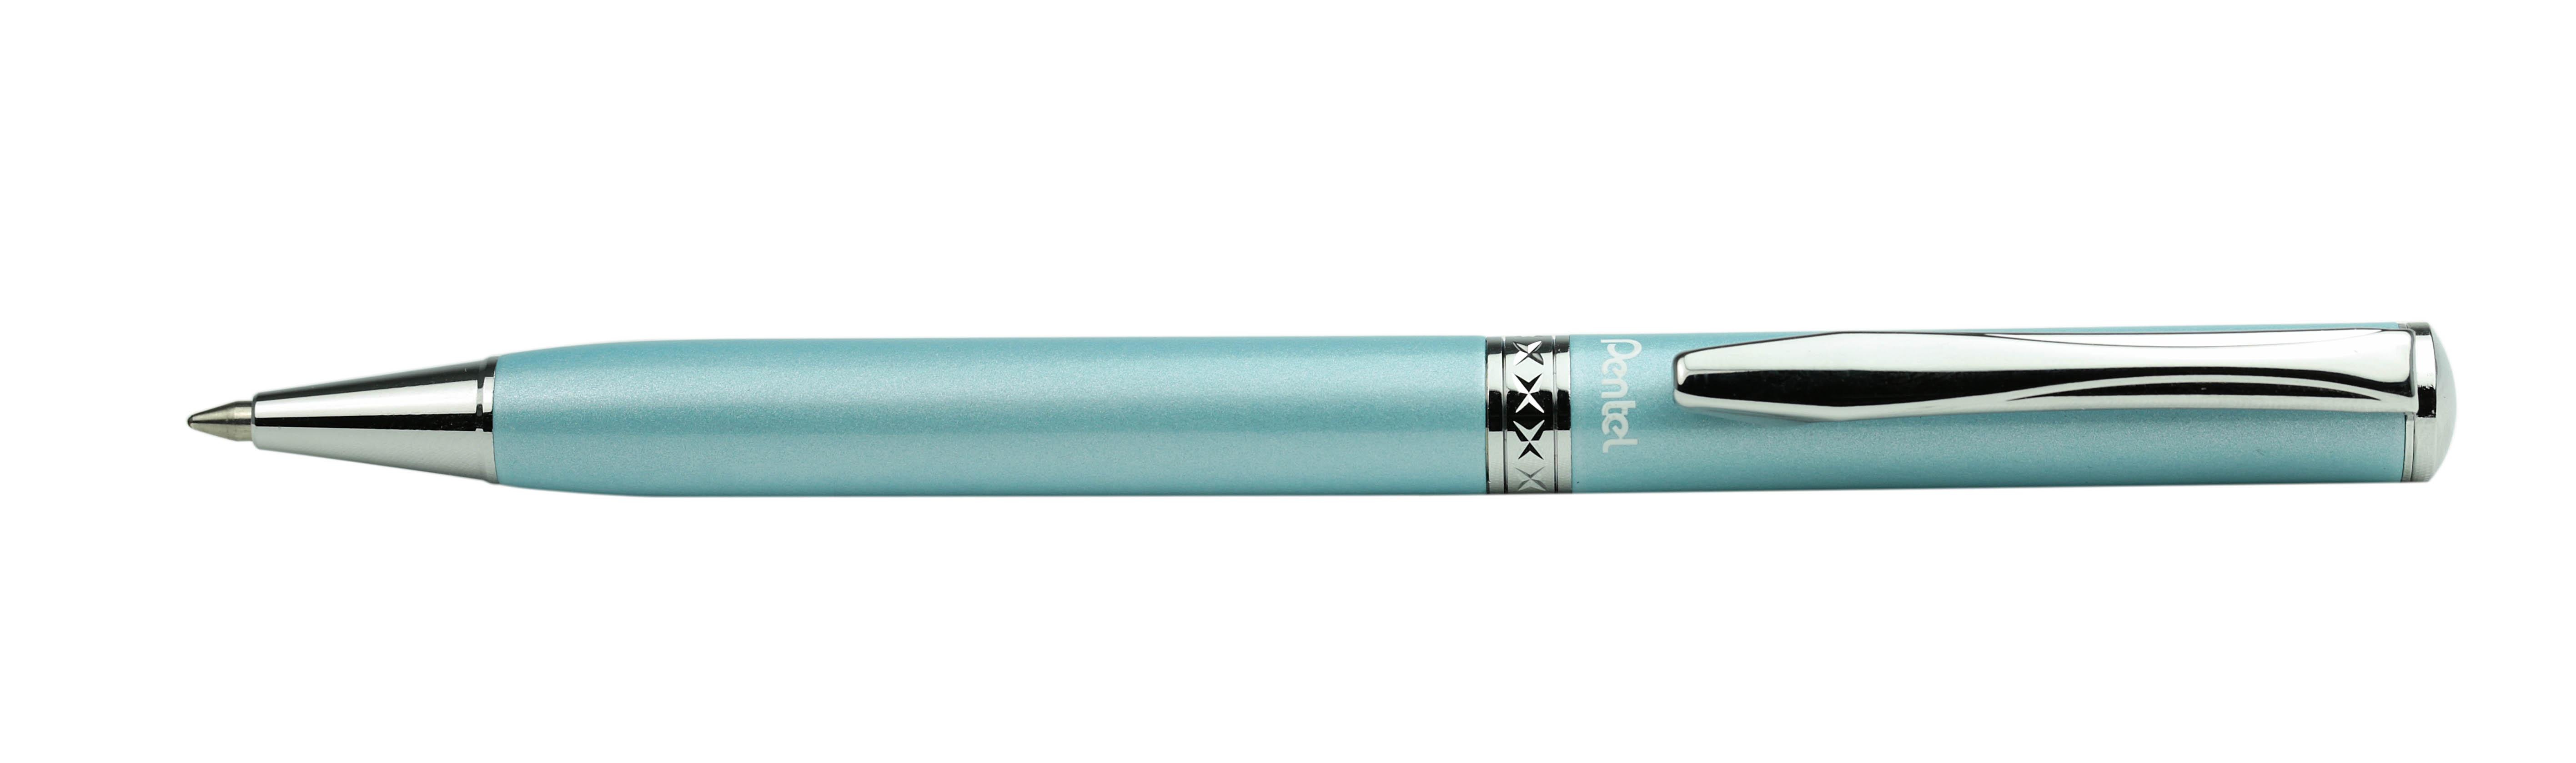 Подарочная шариковая ручка Pentel Sterling имеет поворотный механизм. Корпус ручки изготовлен из металла с хромированным покрытием. Стержень - черный, толщина пишущего узла - 0,8 мм. Чернила обеспечивают ровное и комфортное письмо. Упаковка - подарочный футляр.